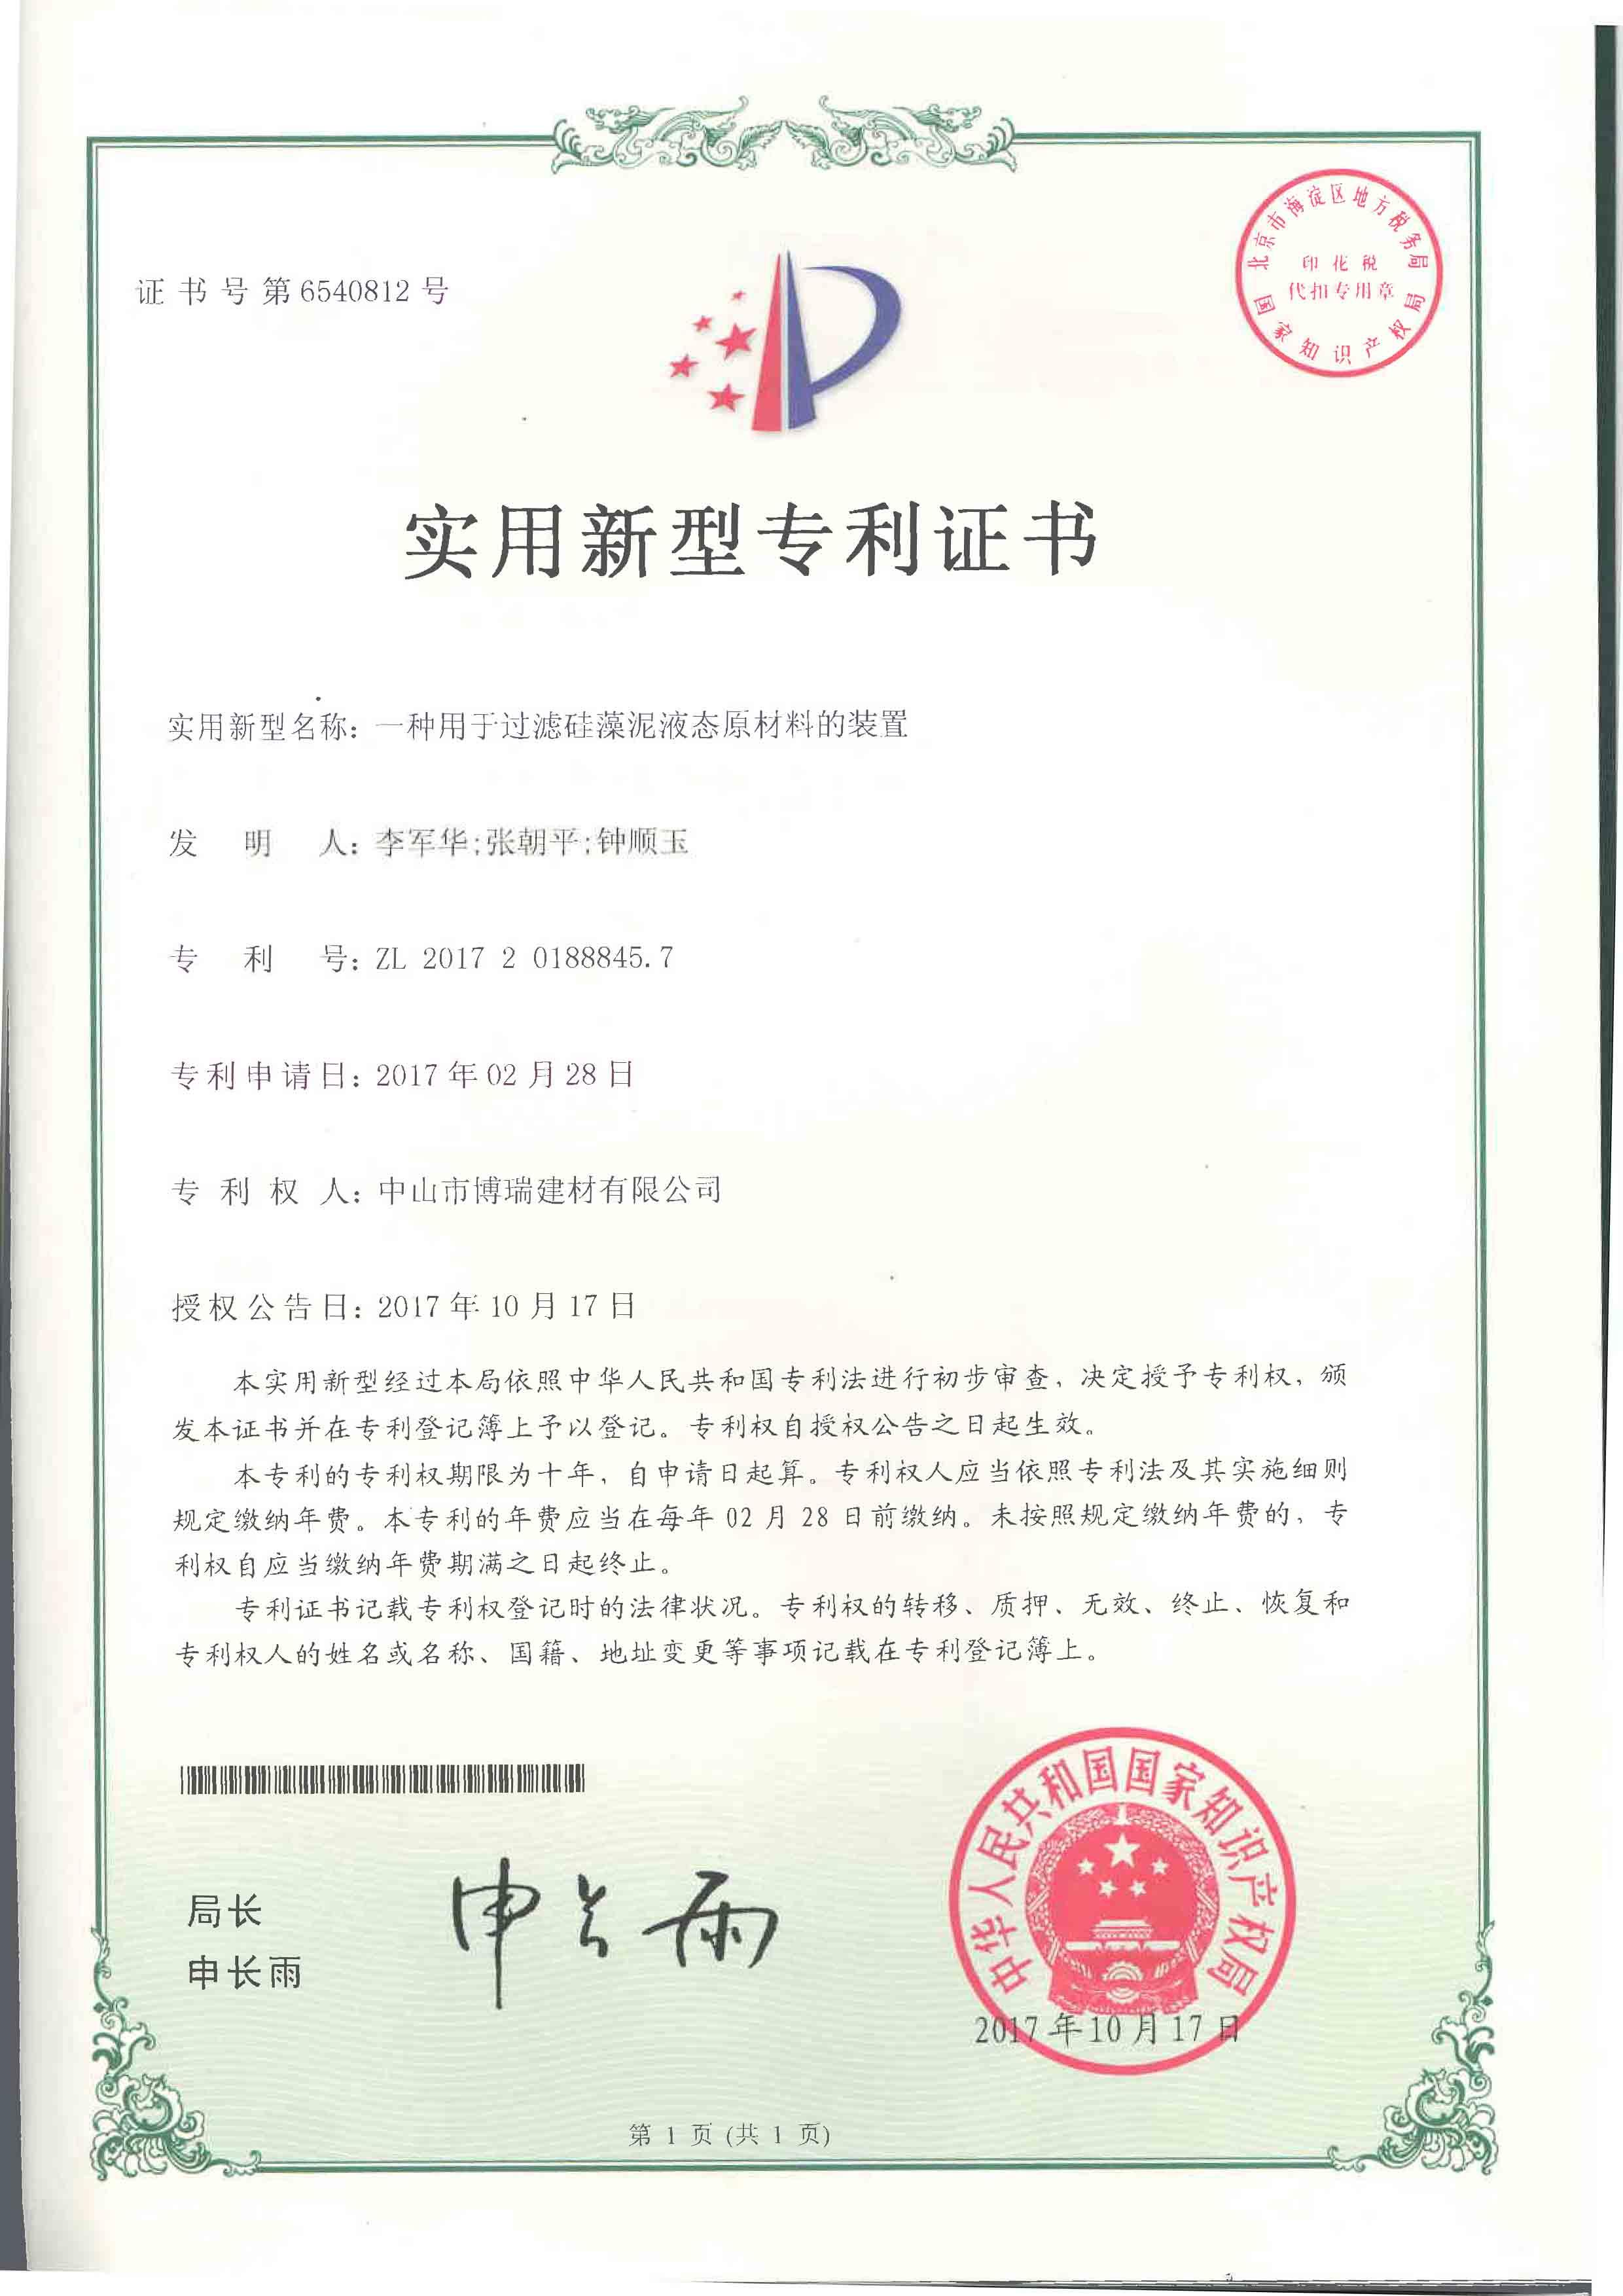 一种用于过滤硅藻泥液态原材料的装置专利